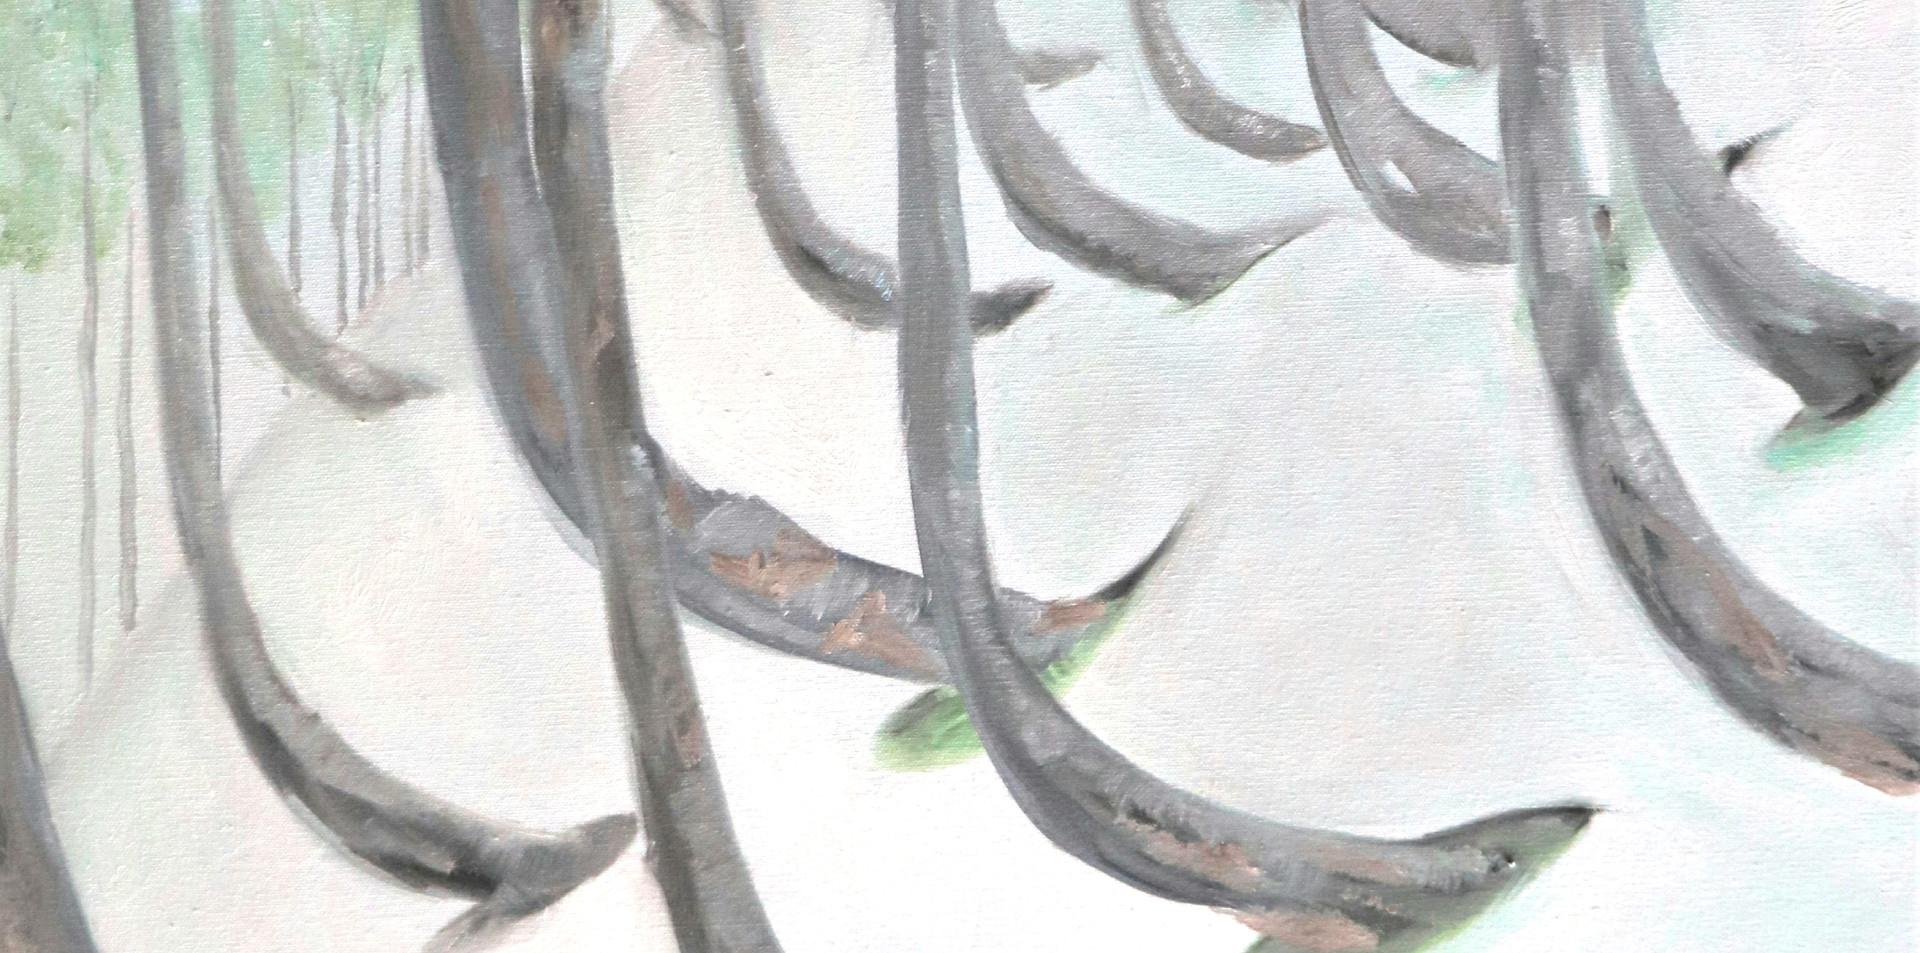 2015 - olie op doek 60 x 80 cm - Het gewicht van de sneeuw